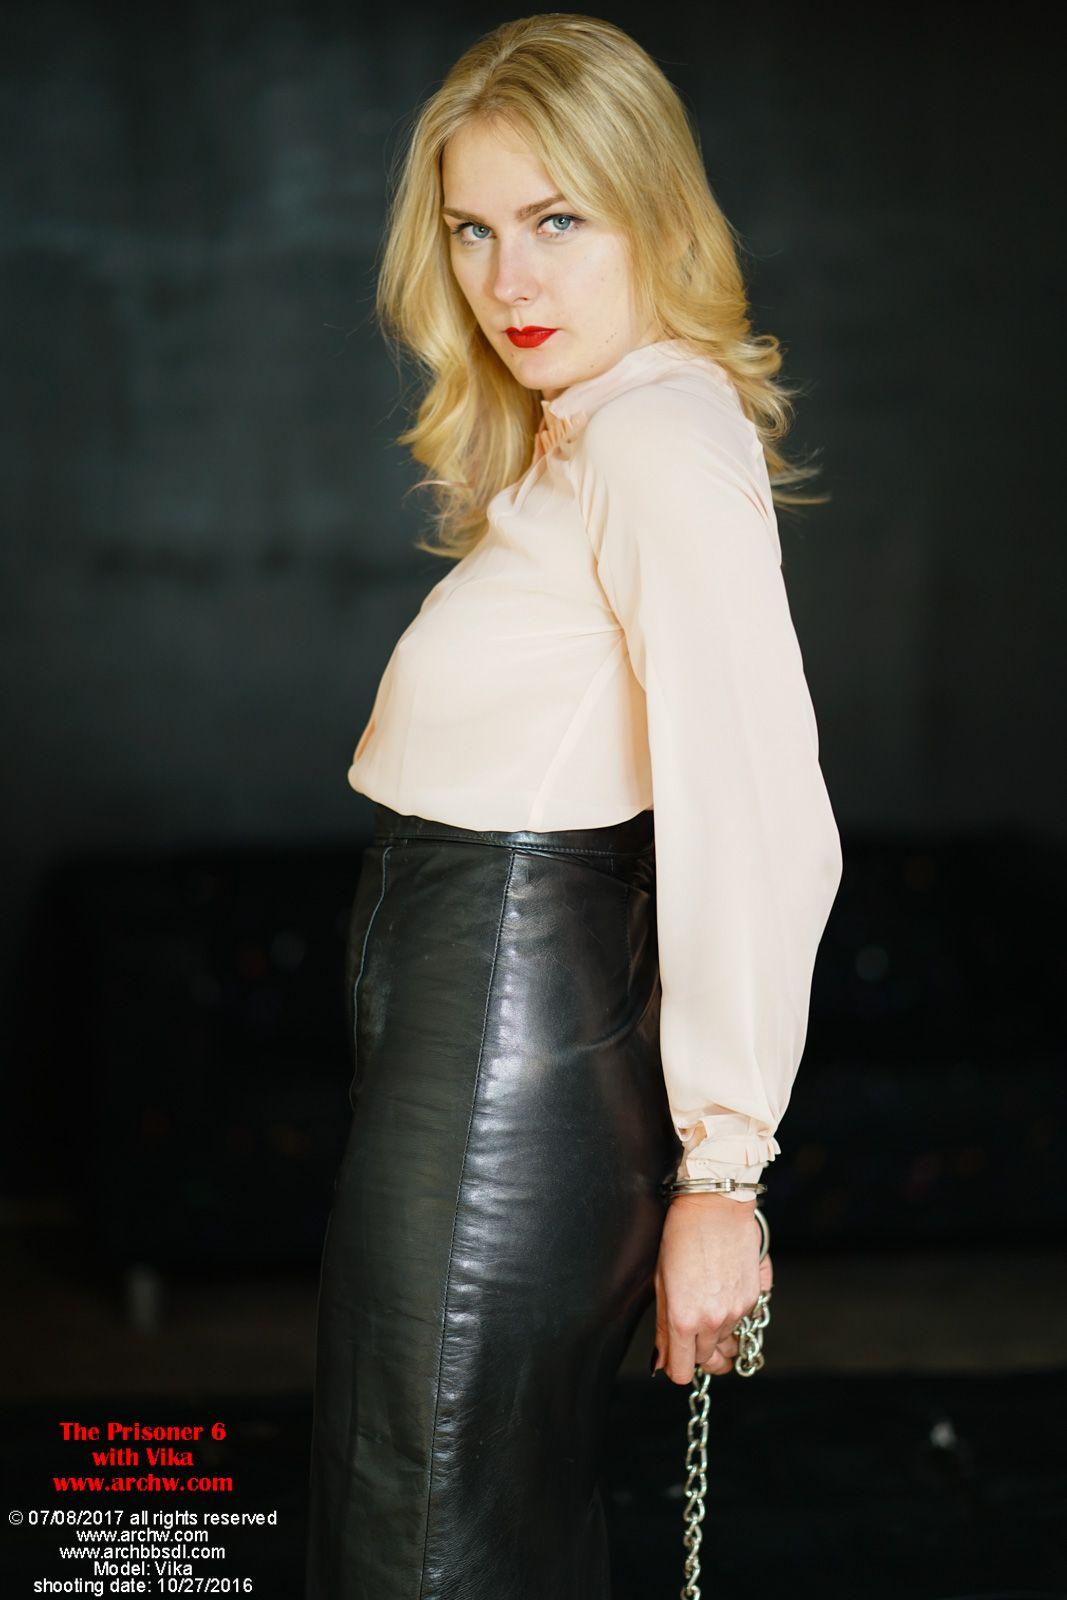 Pin Von Hugo Schmitz Auf Bound In Leather Skirts In 2019